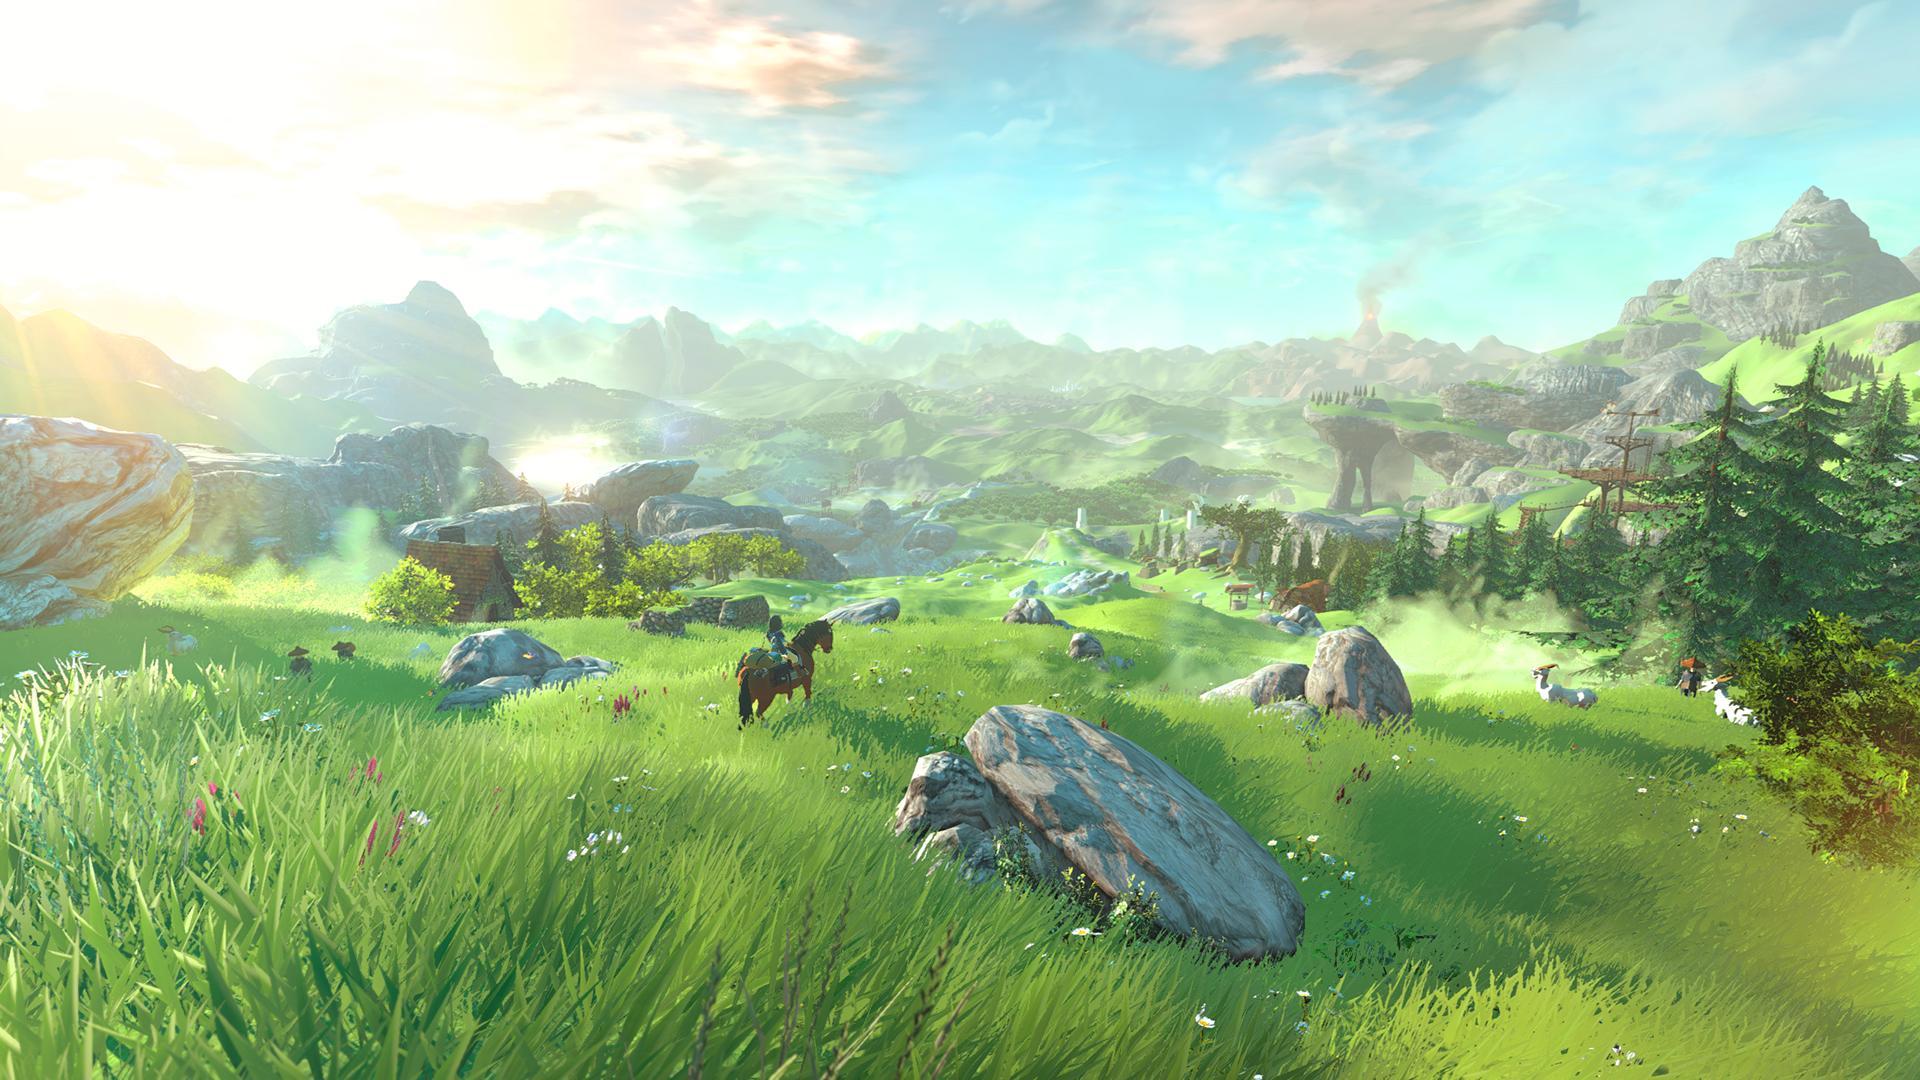 [GAMES] The Legend of Zelda (Nintendo Wii U) - Gameplay! Zelda-u-e3-2014-1